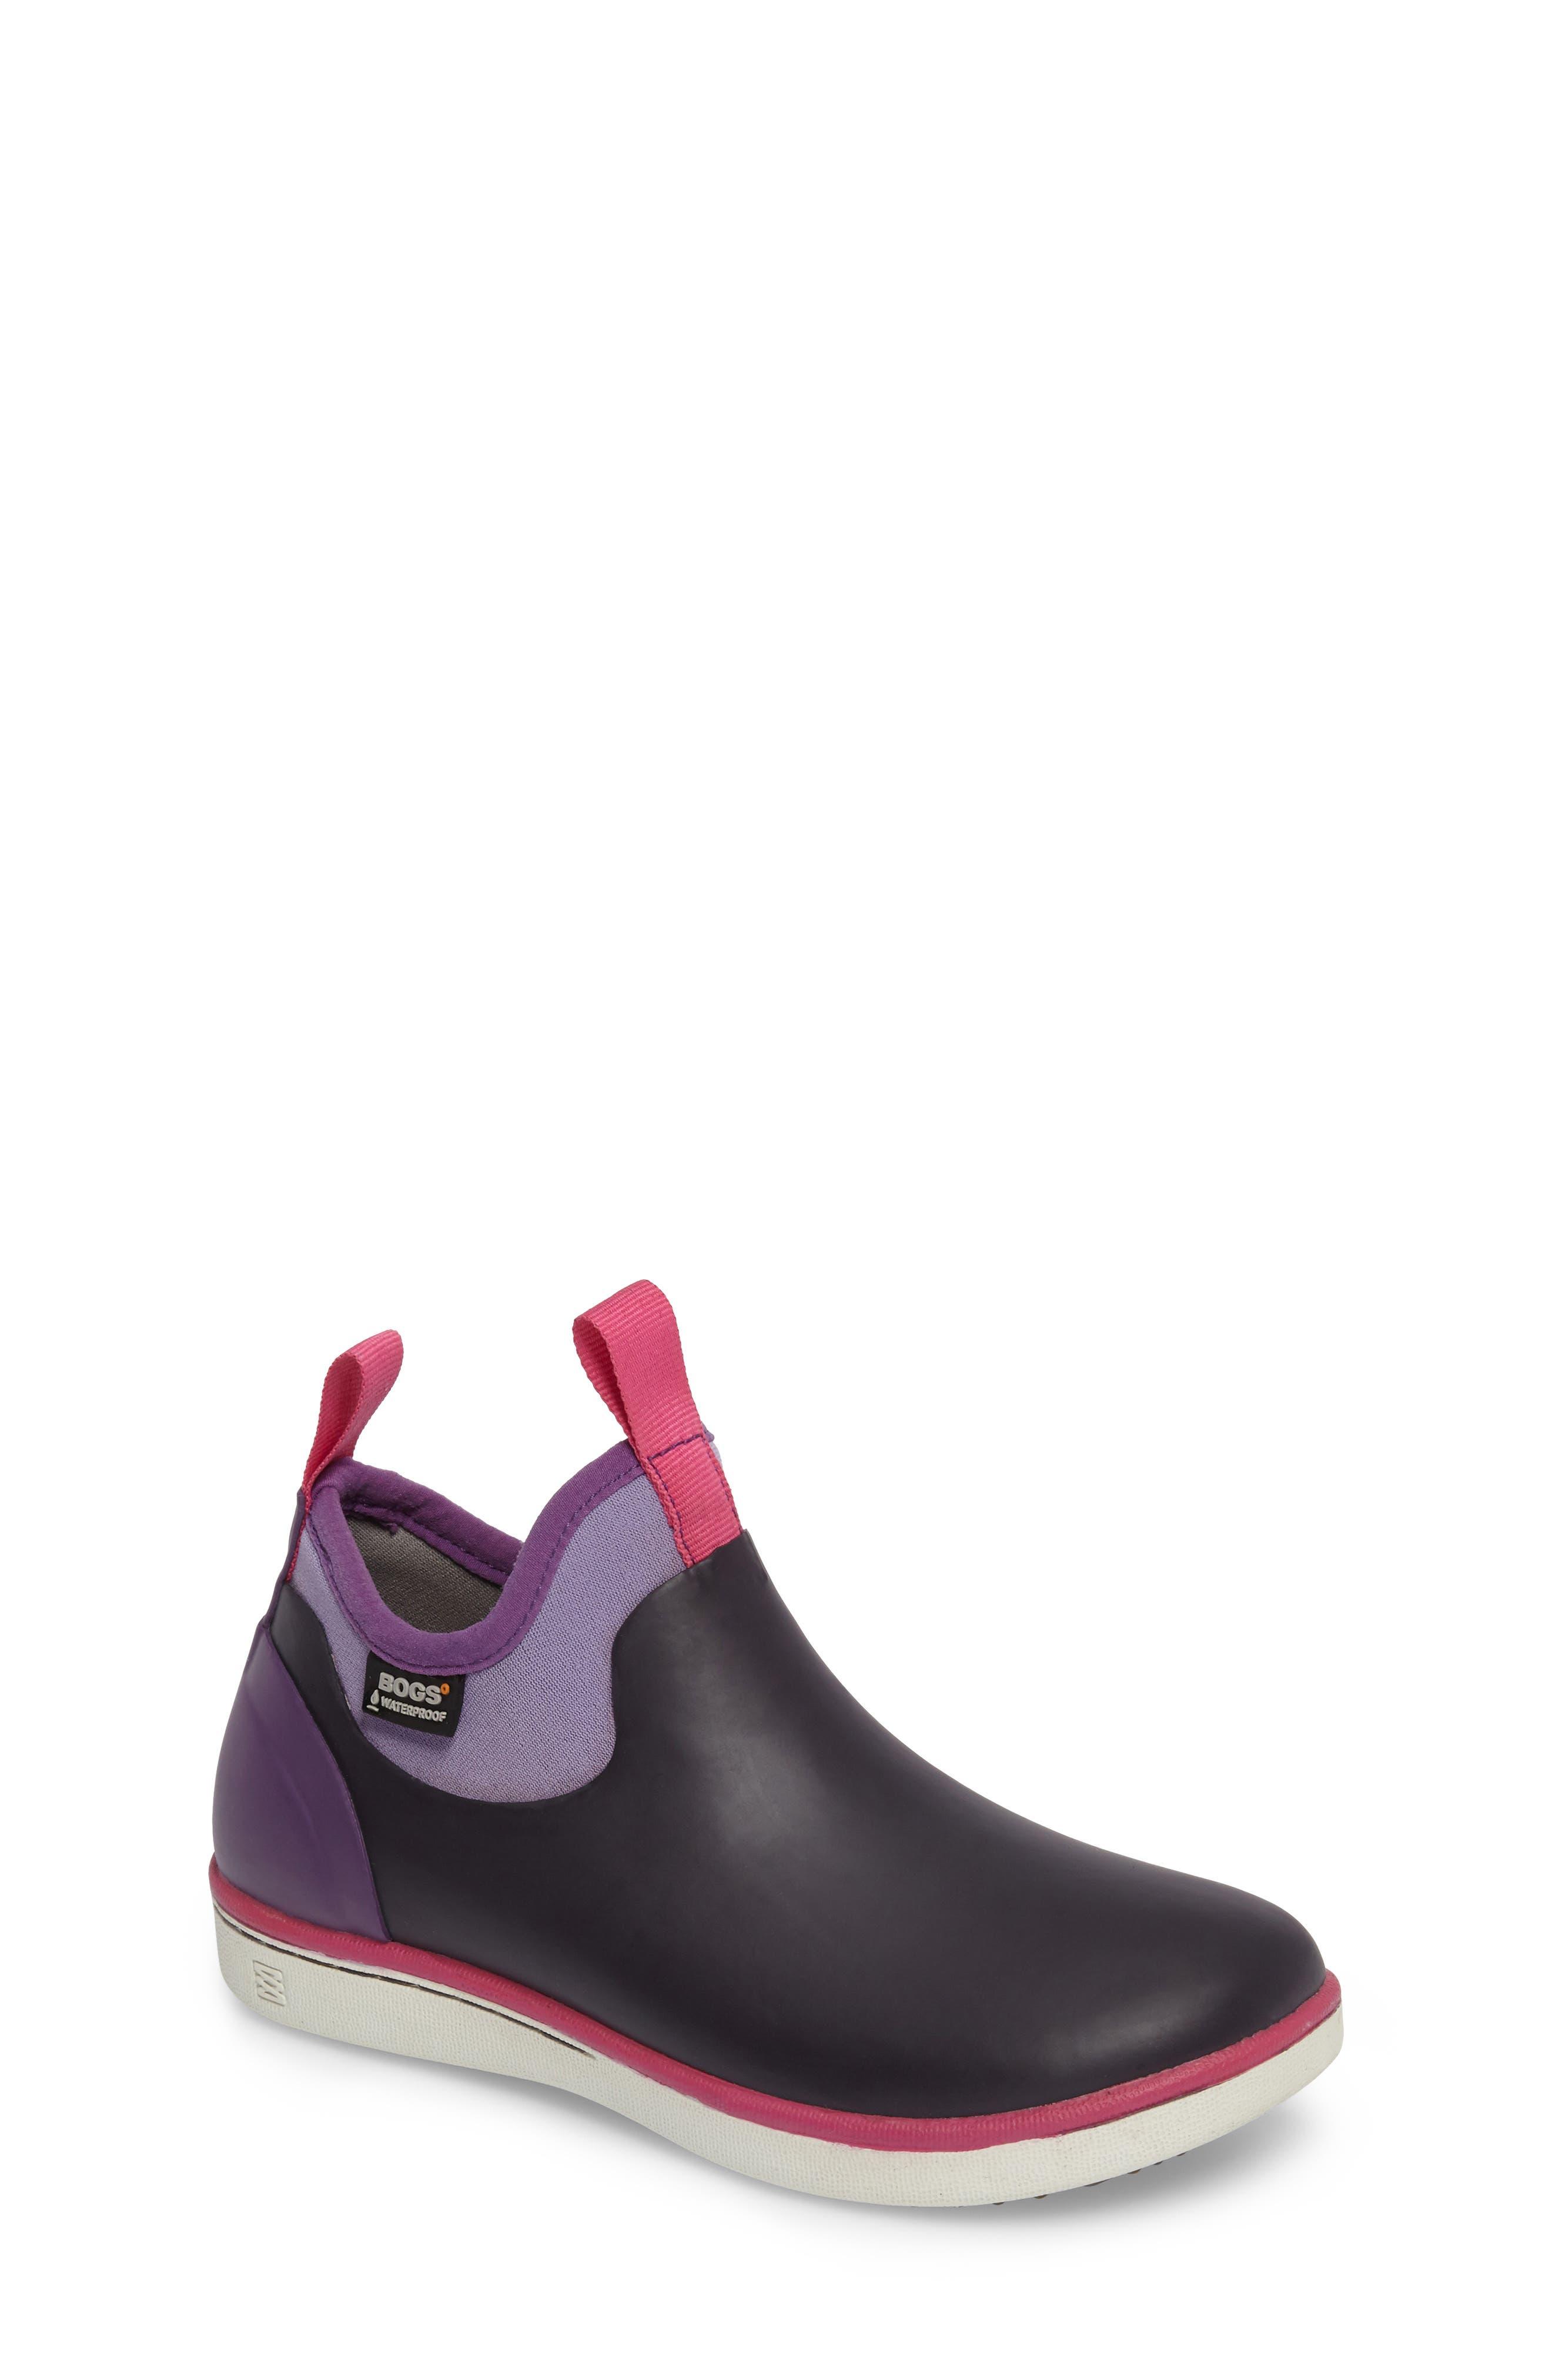 Alternate Image 1 Selected - Bogs Riley Waterproof Sock Fit Boot (Walker, Toddler & Little Kid)